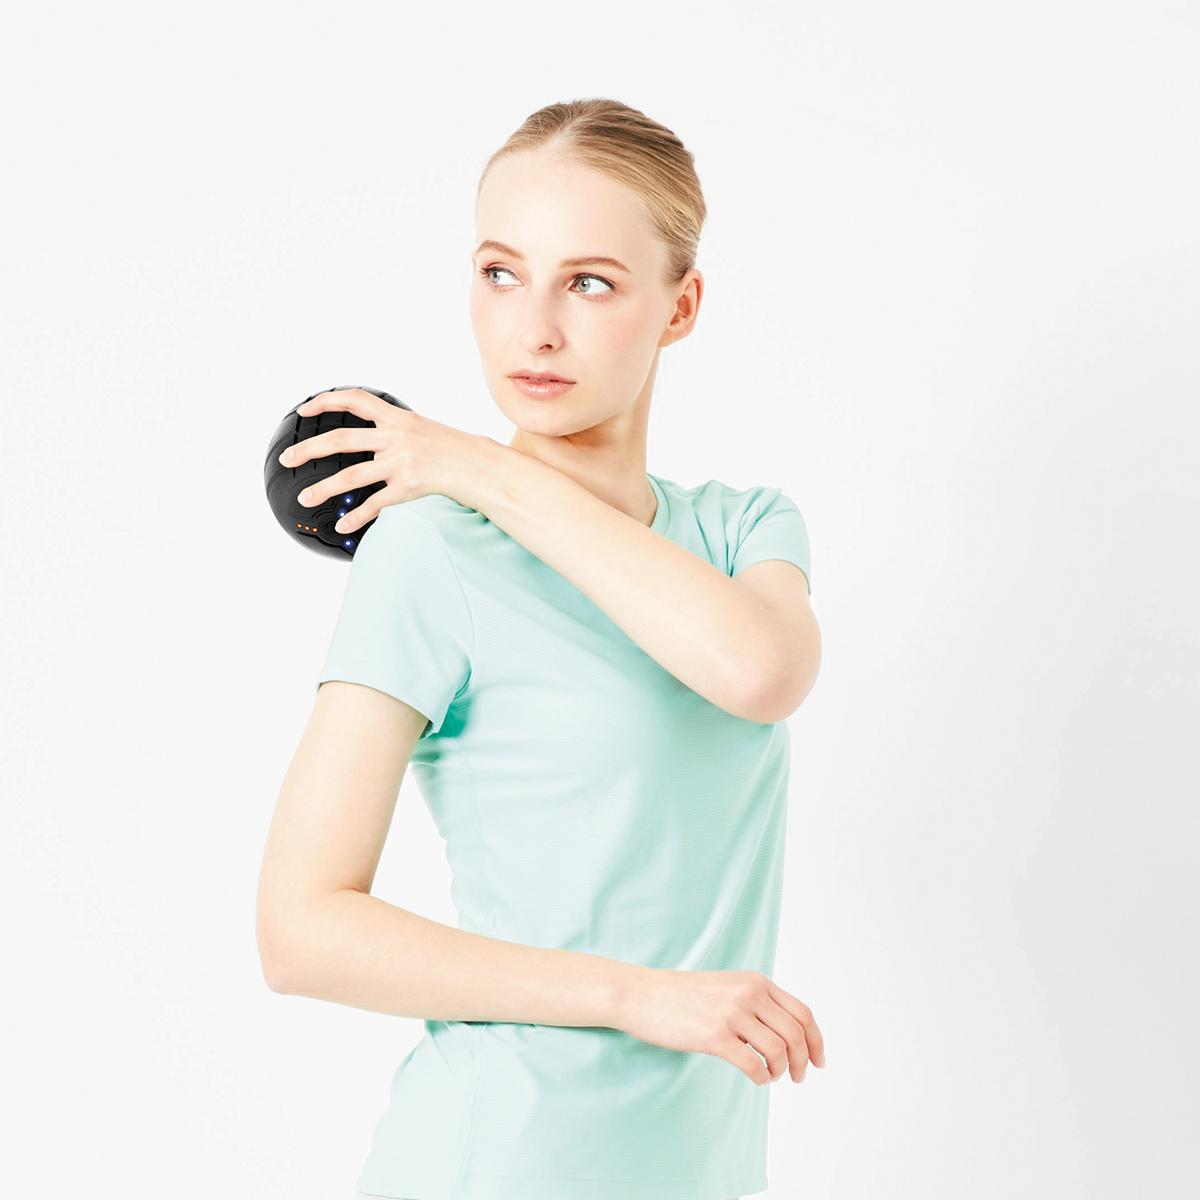 筋肉を、深く狭く、揺さぶって、滞りがちな血行も刺激するストレッチボール|Dr.Air 3Dコンディショニングボール